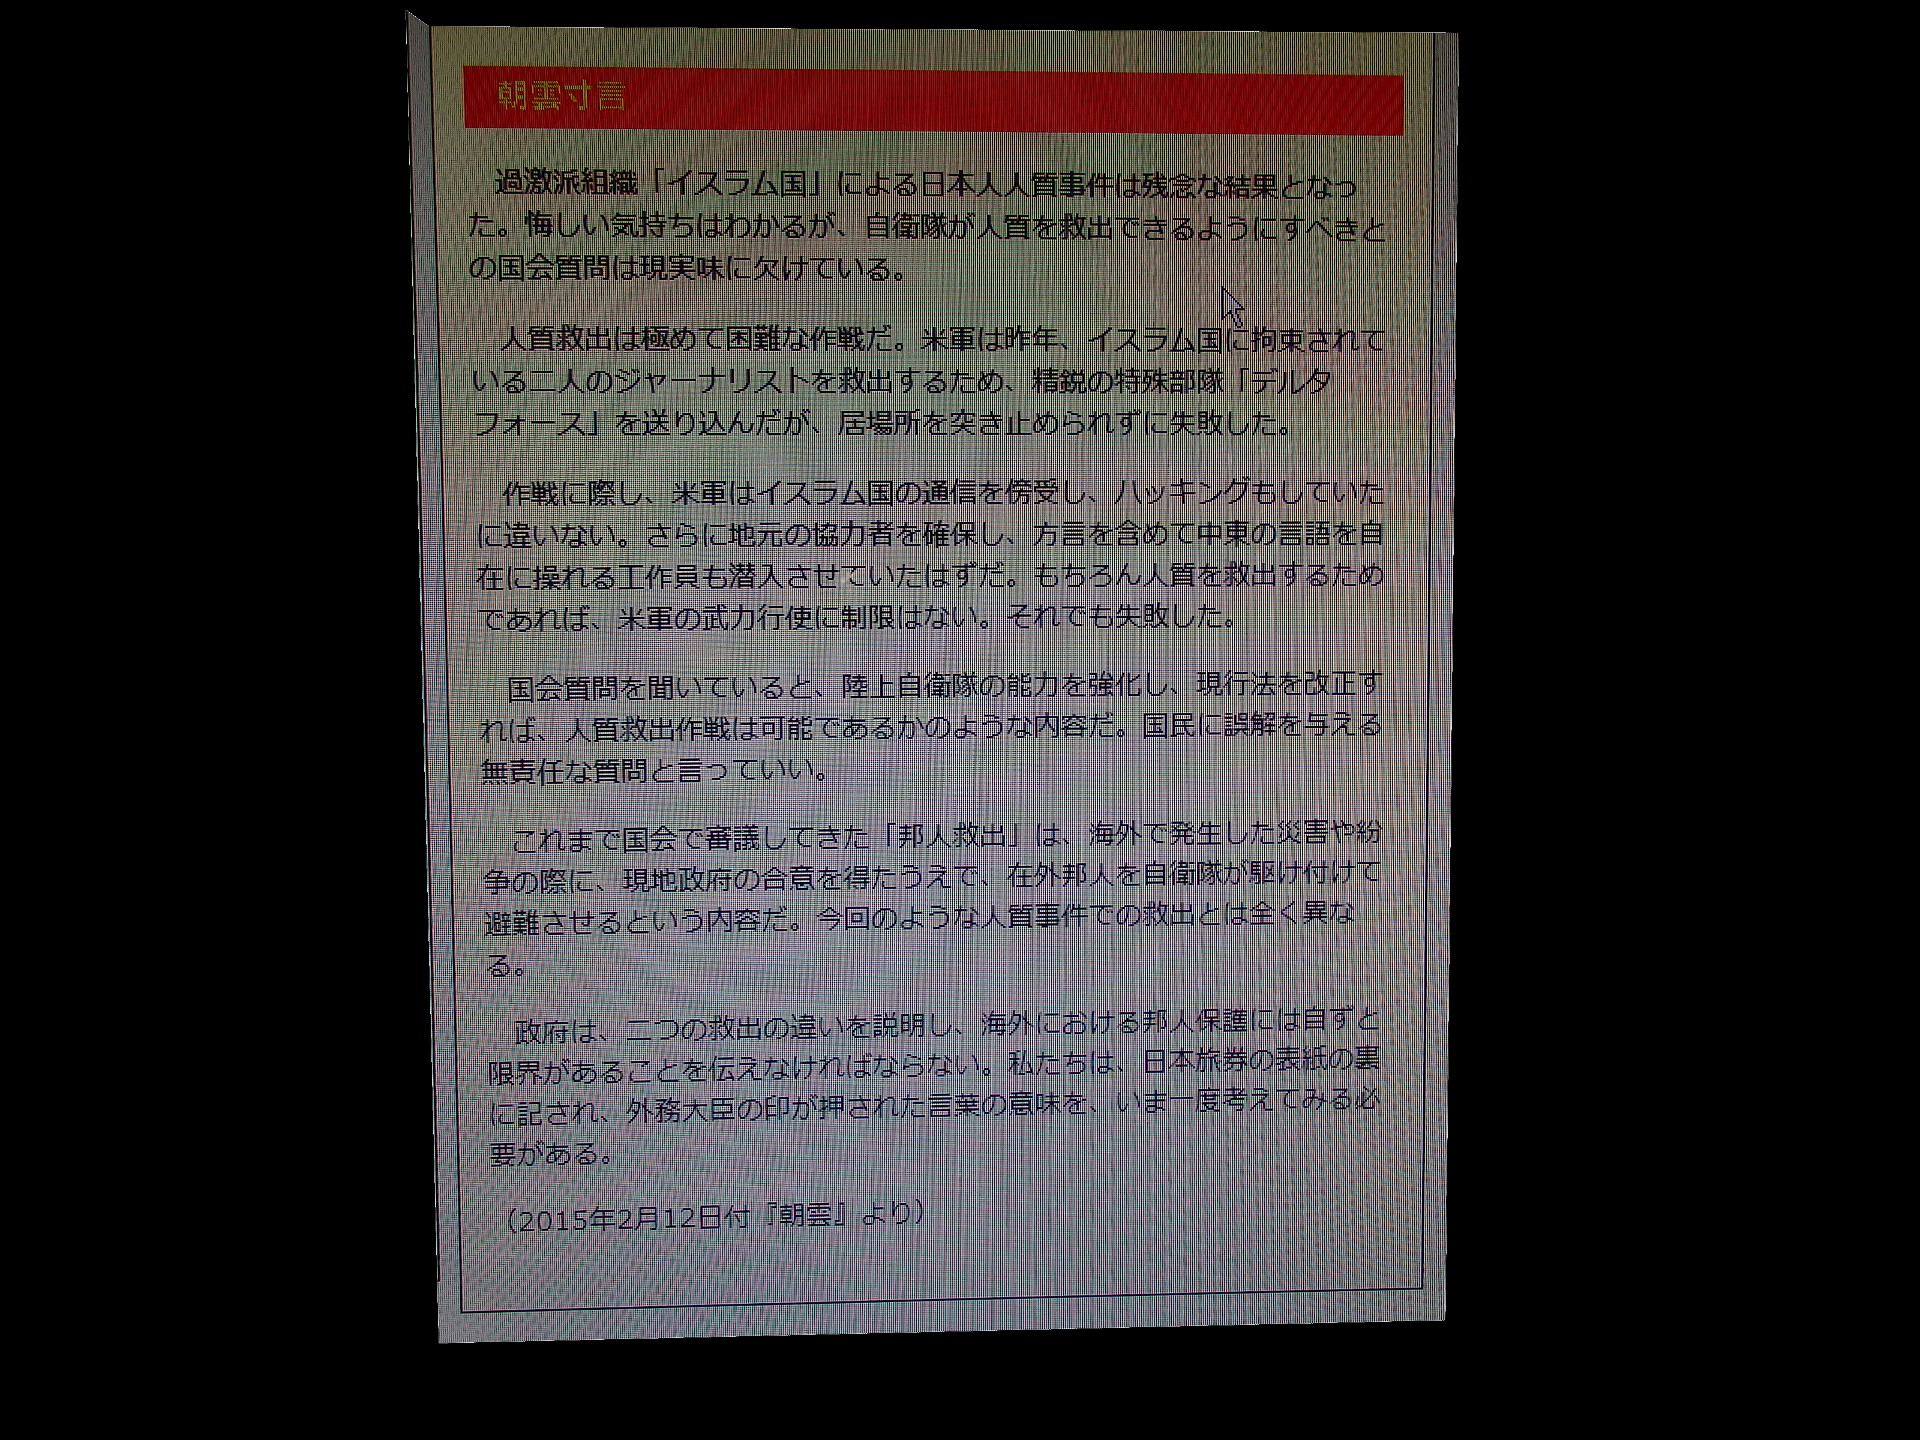 削除された朝雲新聞のコラムです。